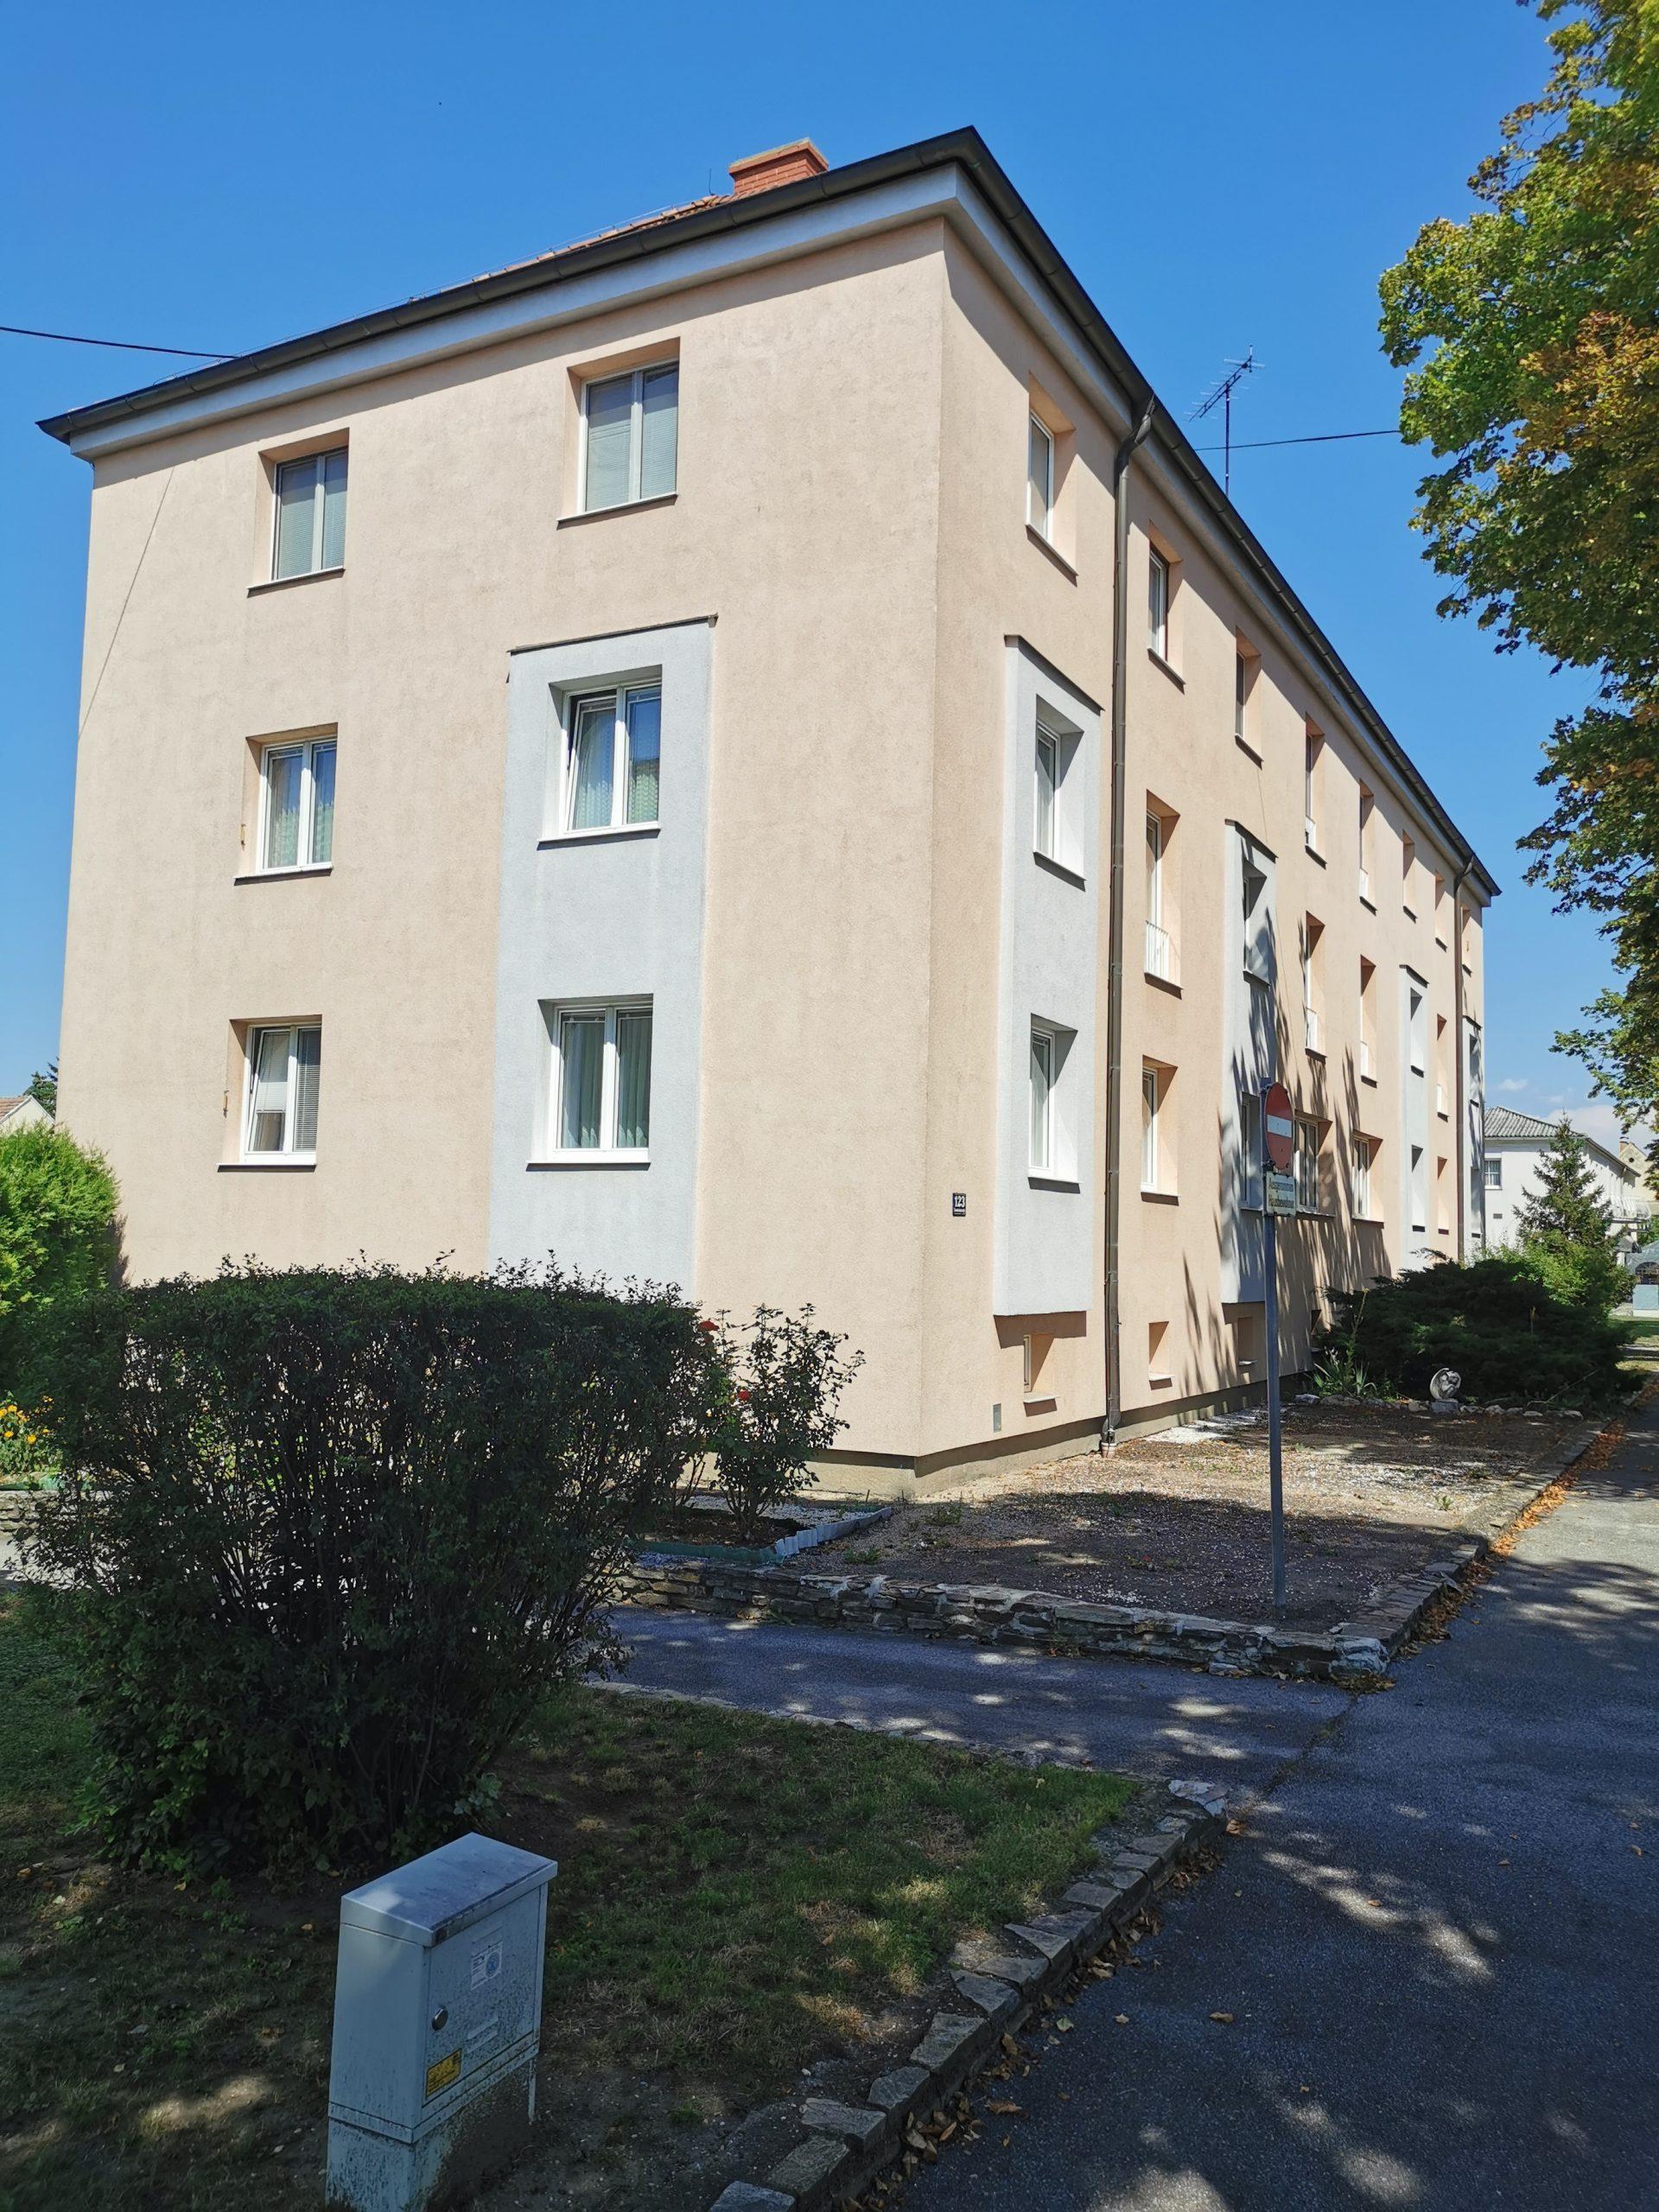 Immobilie von Kamptal in 2136 Laa an der Thaya, Mistelbach, Laa XII - Top 104 #0